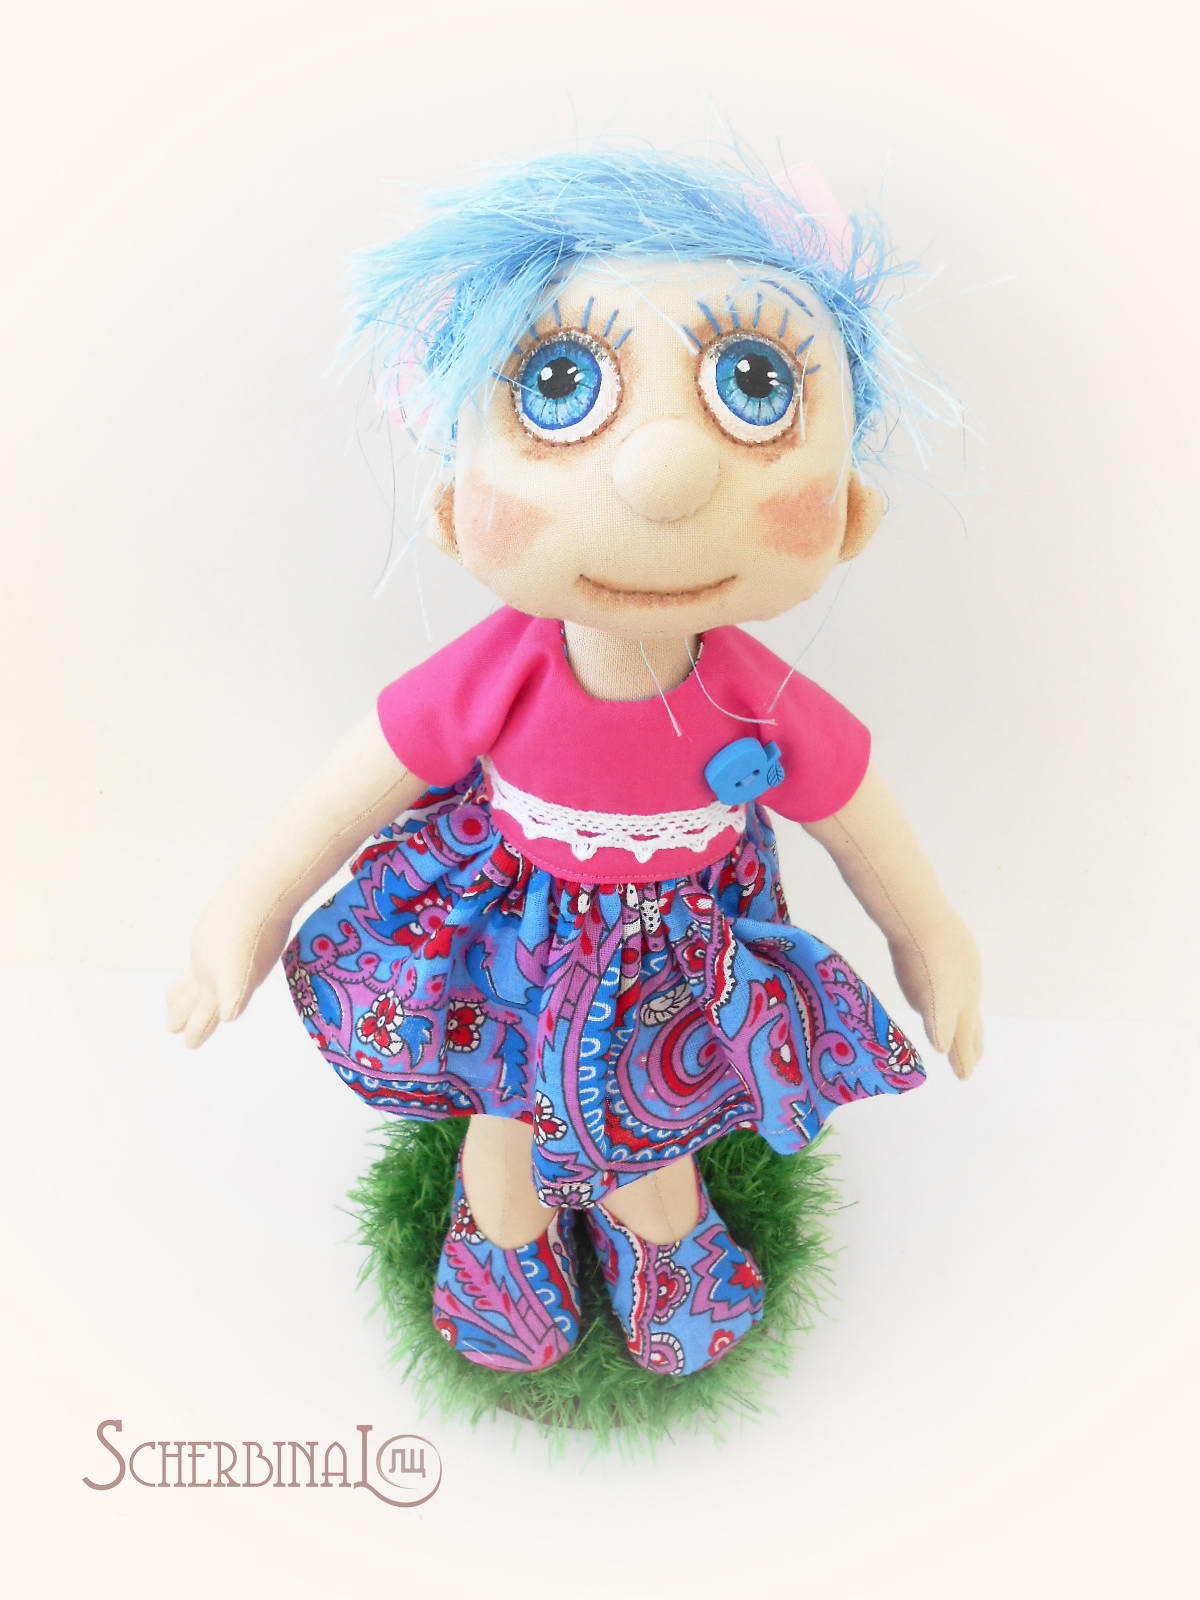 текстильная игровая кукла-карамелька Людмилы Щербина